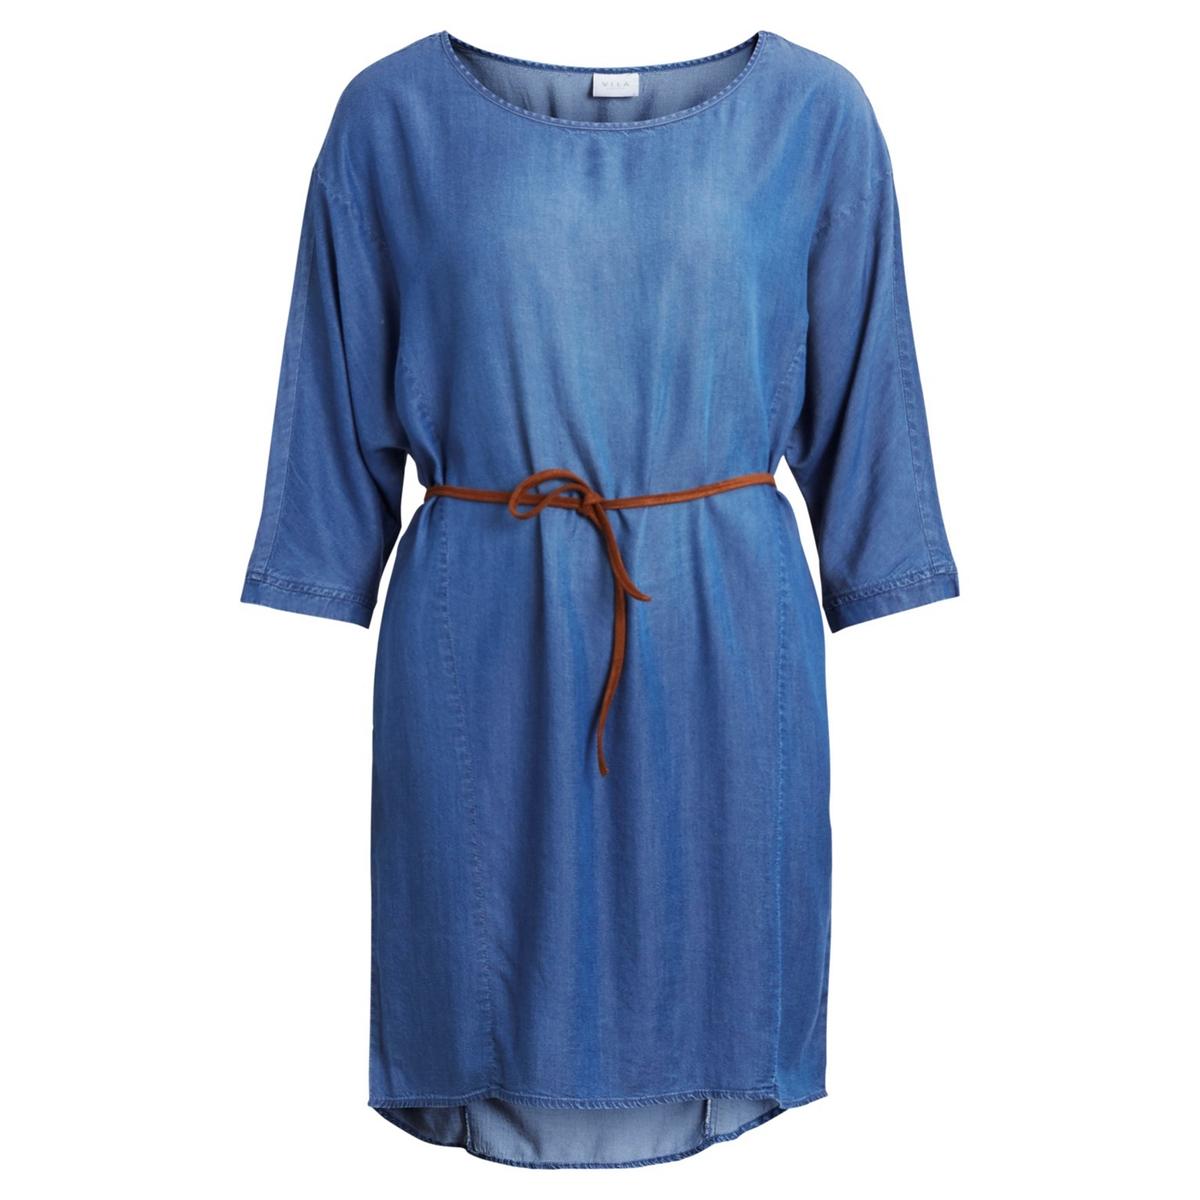 Платье однотонное расклешенного и короткого покроя с рукавами 3/4 vila платье vila модель 25960236